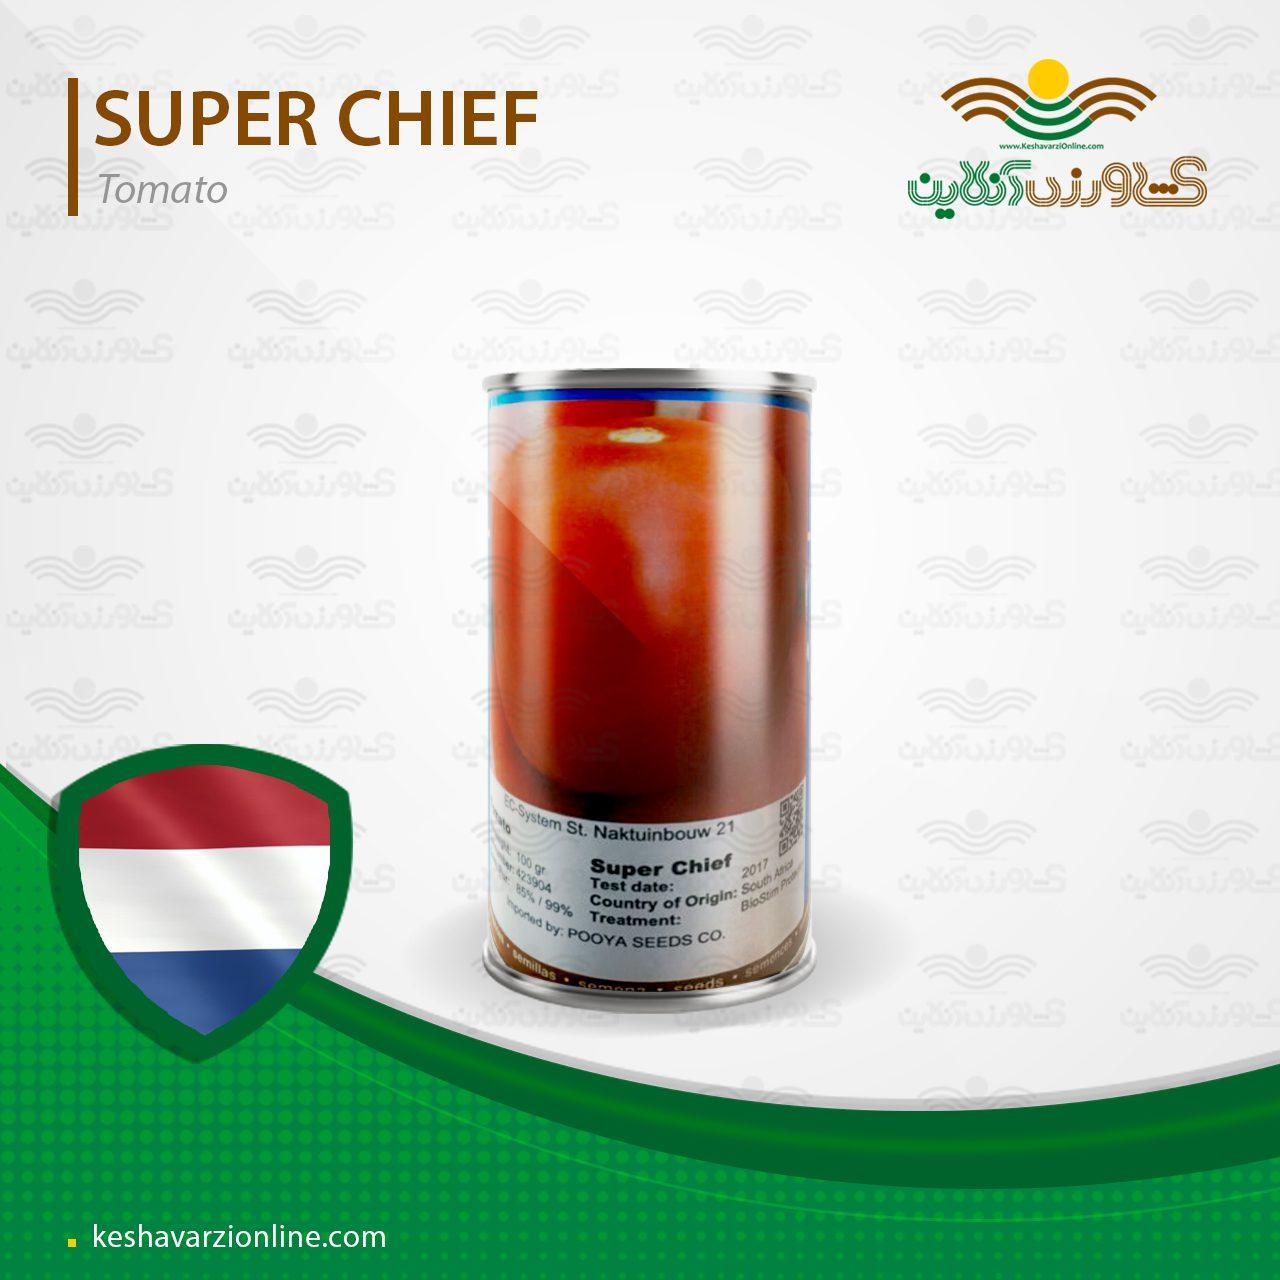 بذر گوجه فرنگی سوپر چف بیکر هلند